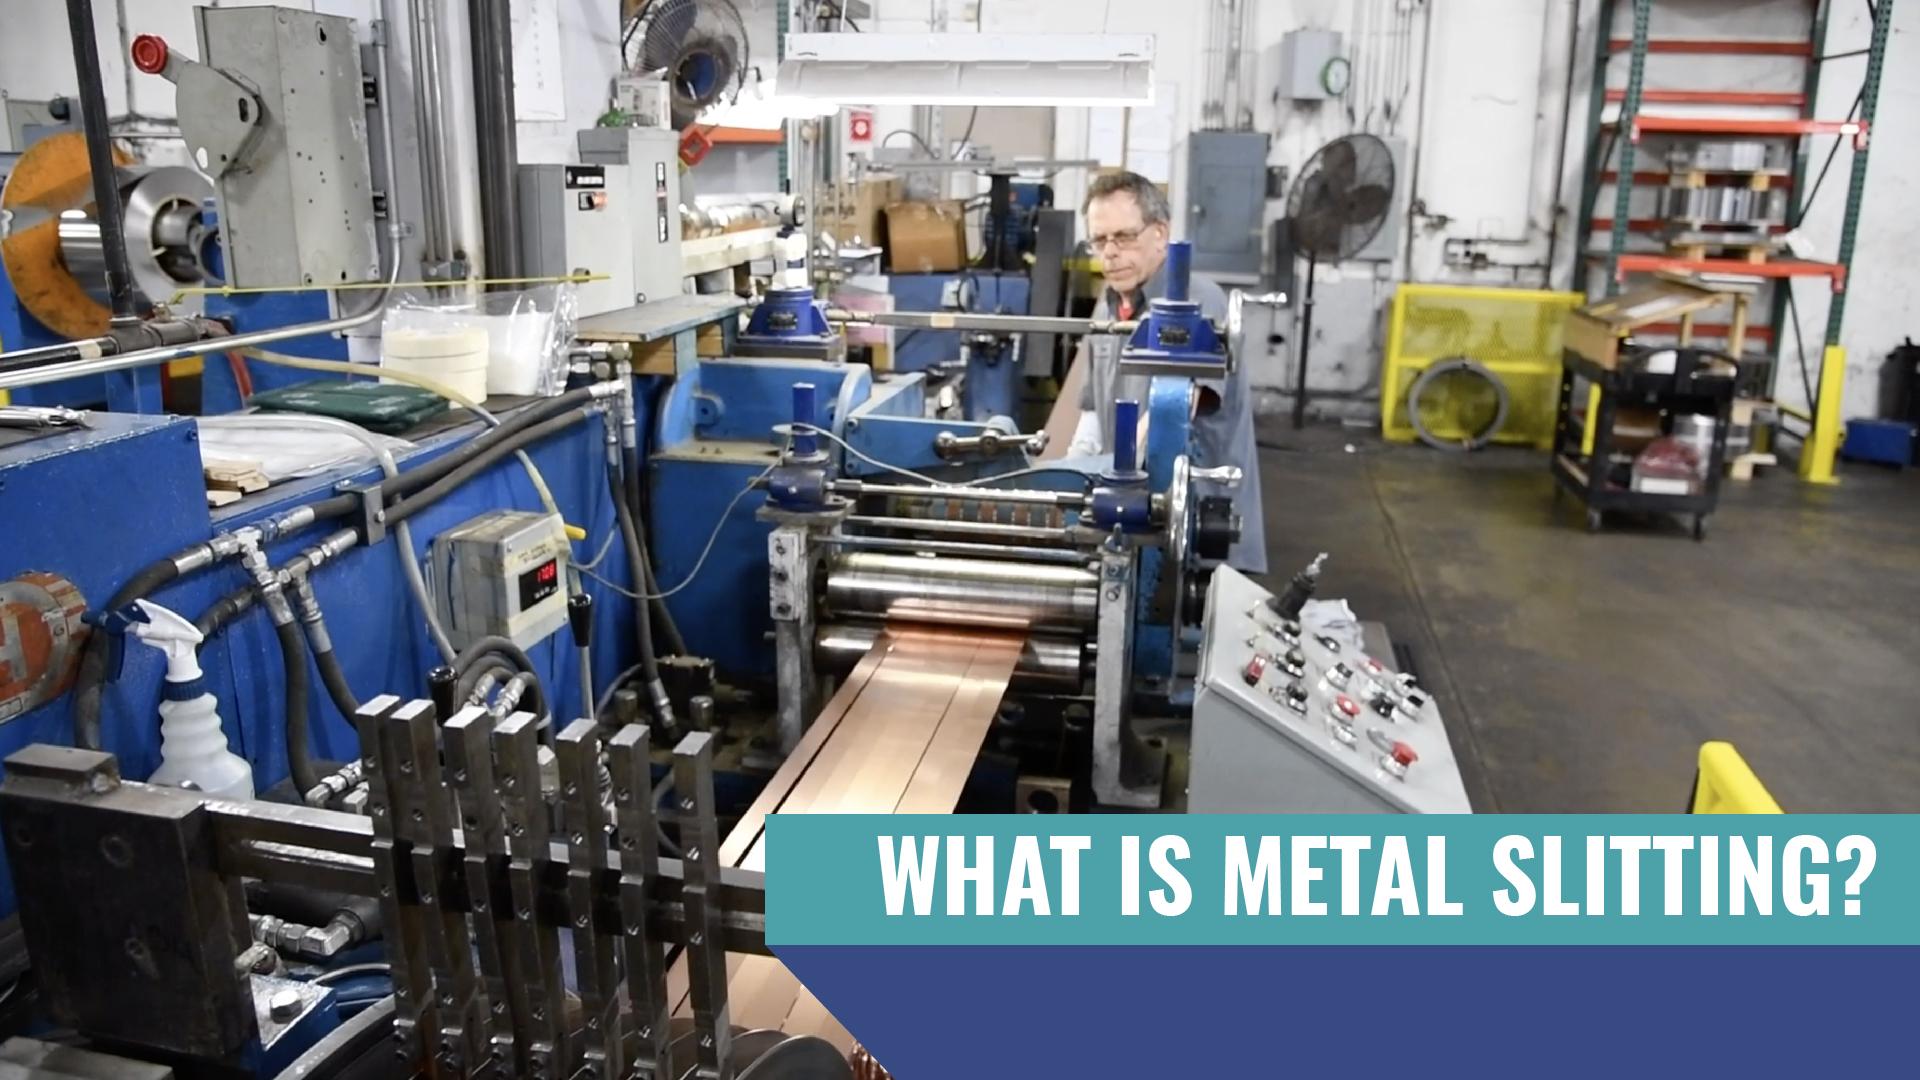 米德金属斜率 - 视频-05-21-19